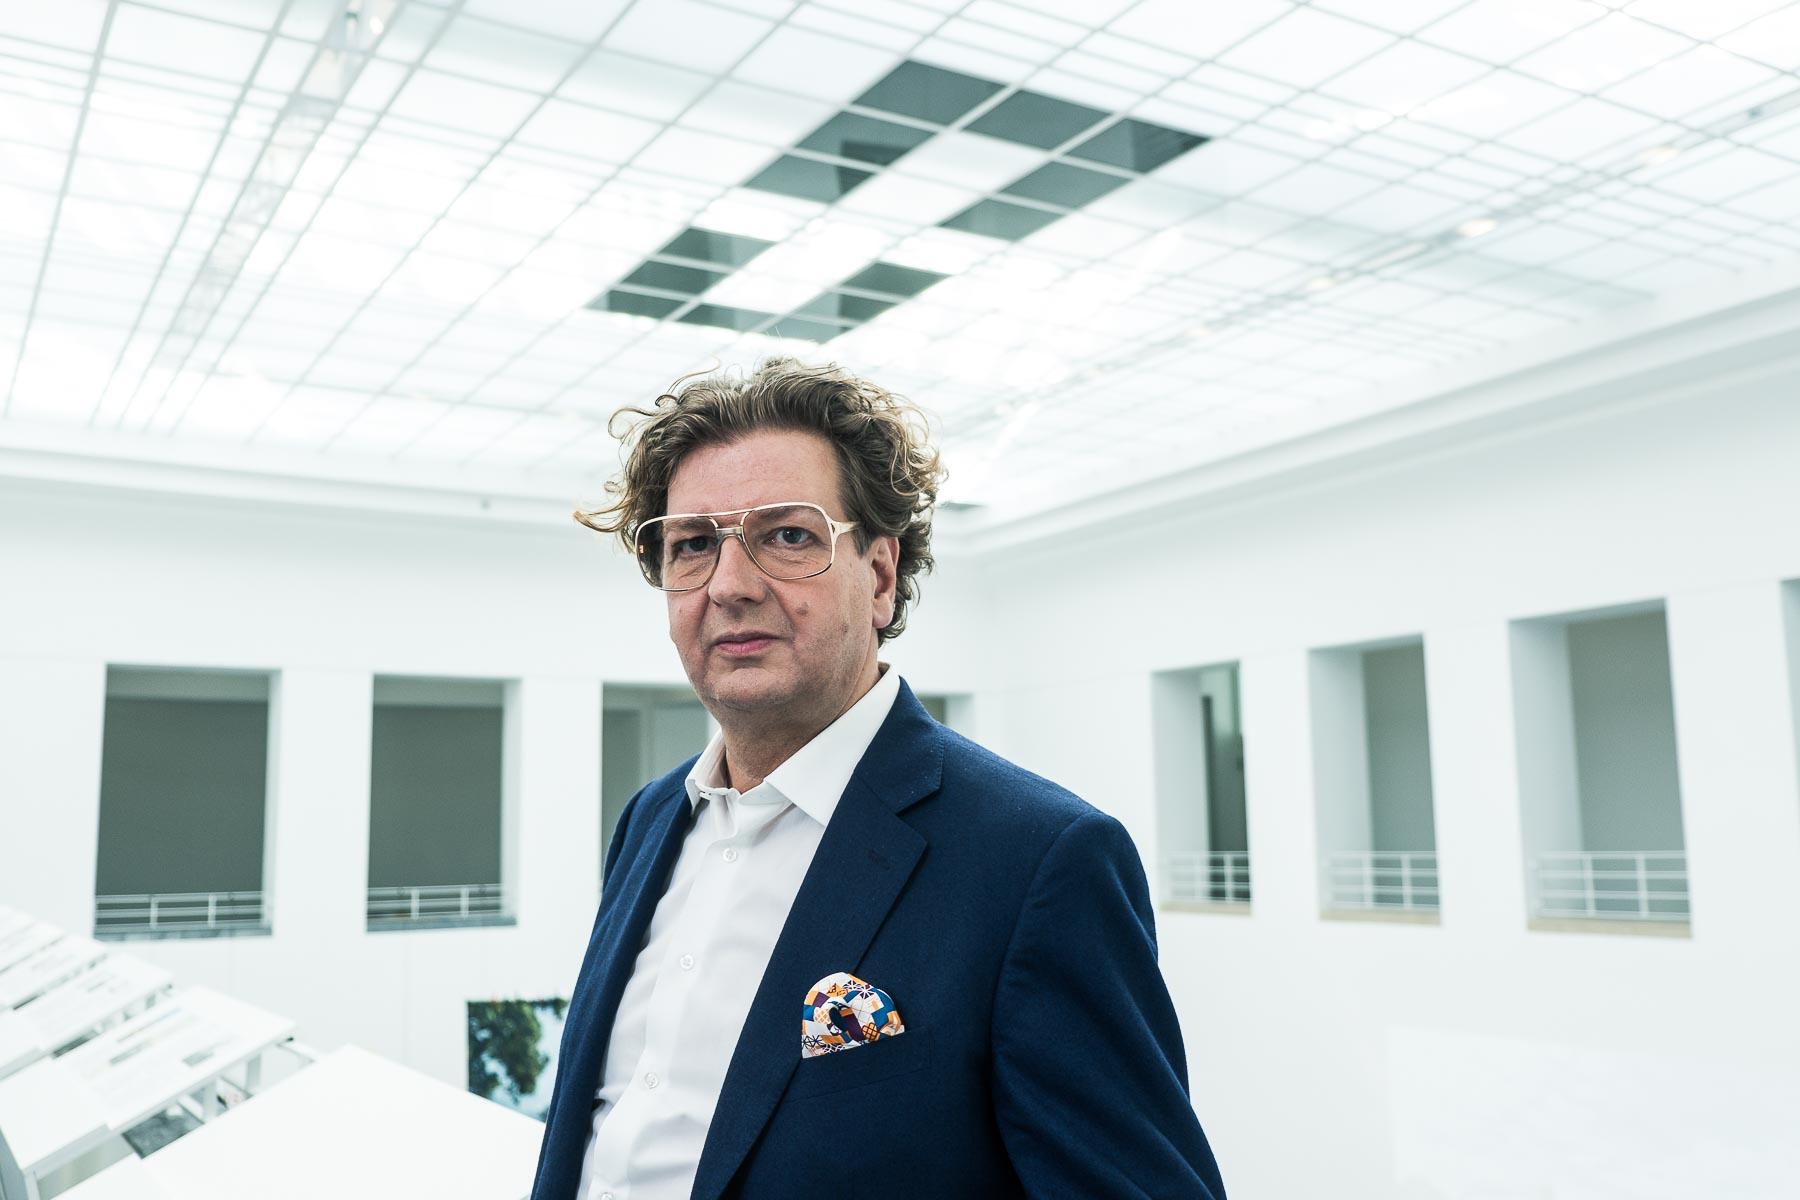 Der Dipl. Ing. Georg Wintgen kandidiert für die Kammerwahl 2020